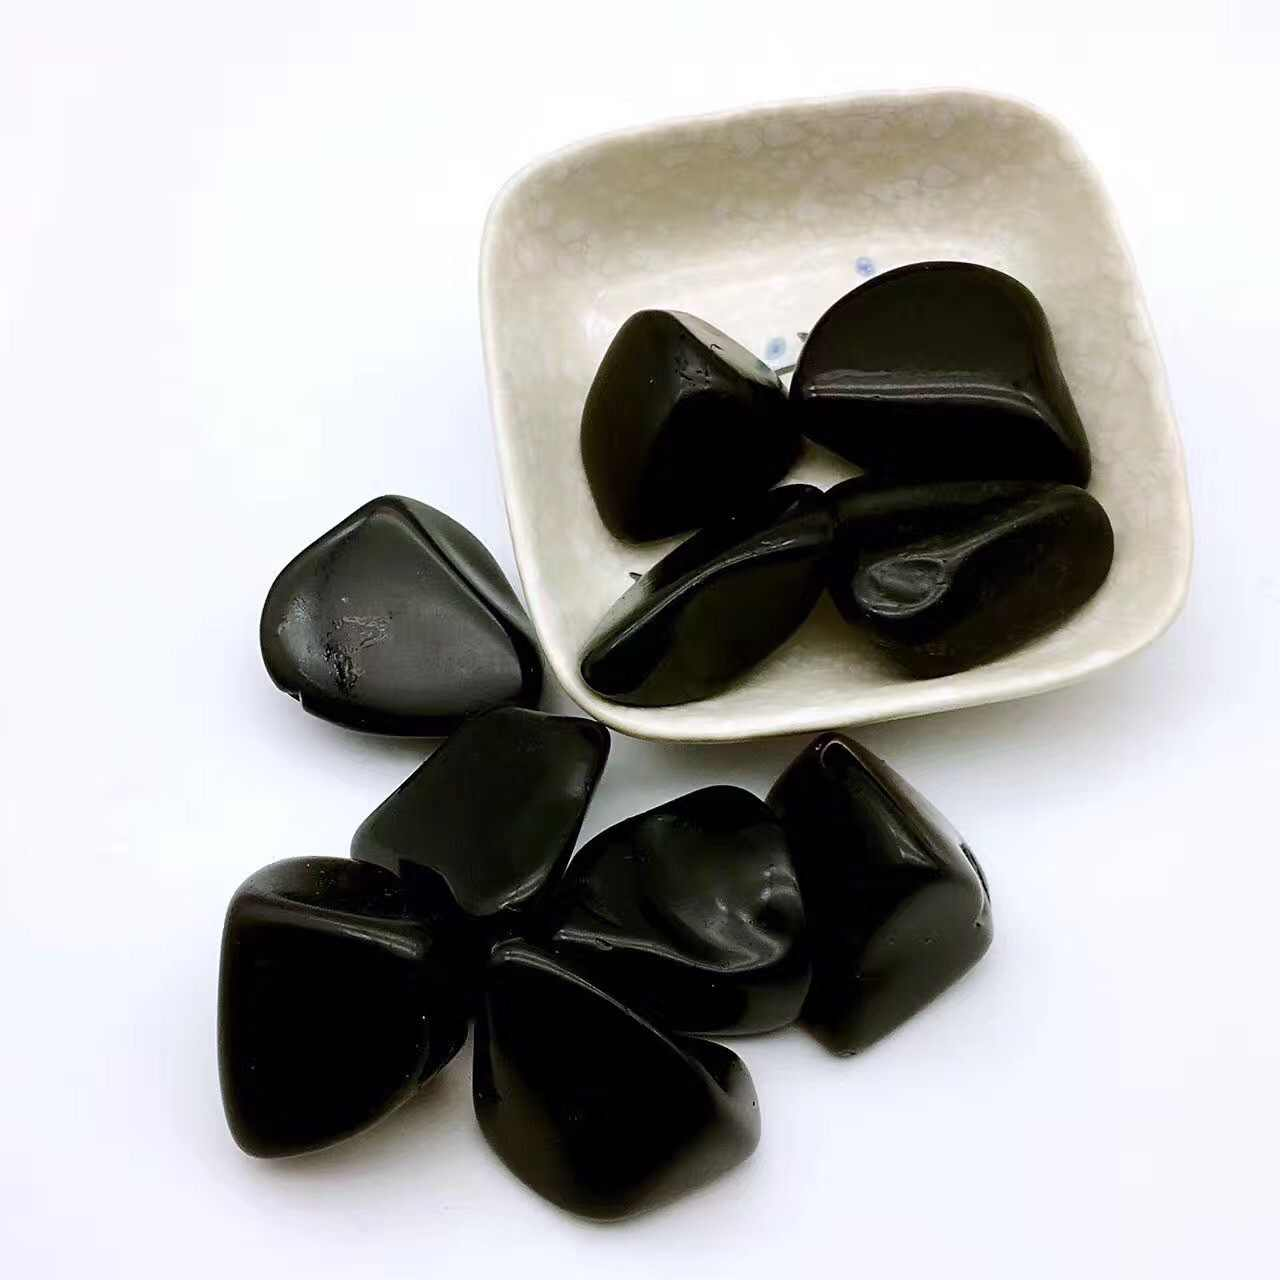 1 個自然な黒黒曜石消磁石ミネラル水槽天然水晶砂利ストーン装飾タンブル石 D3